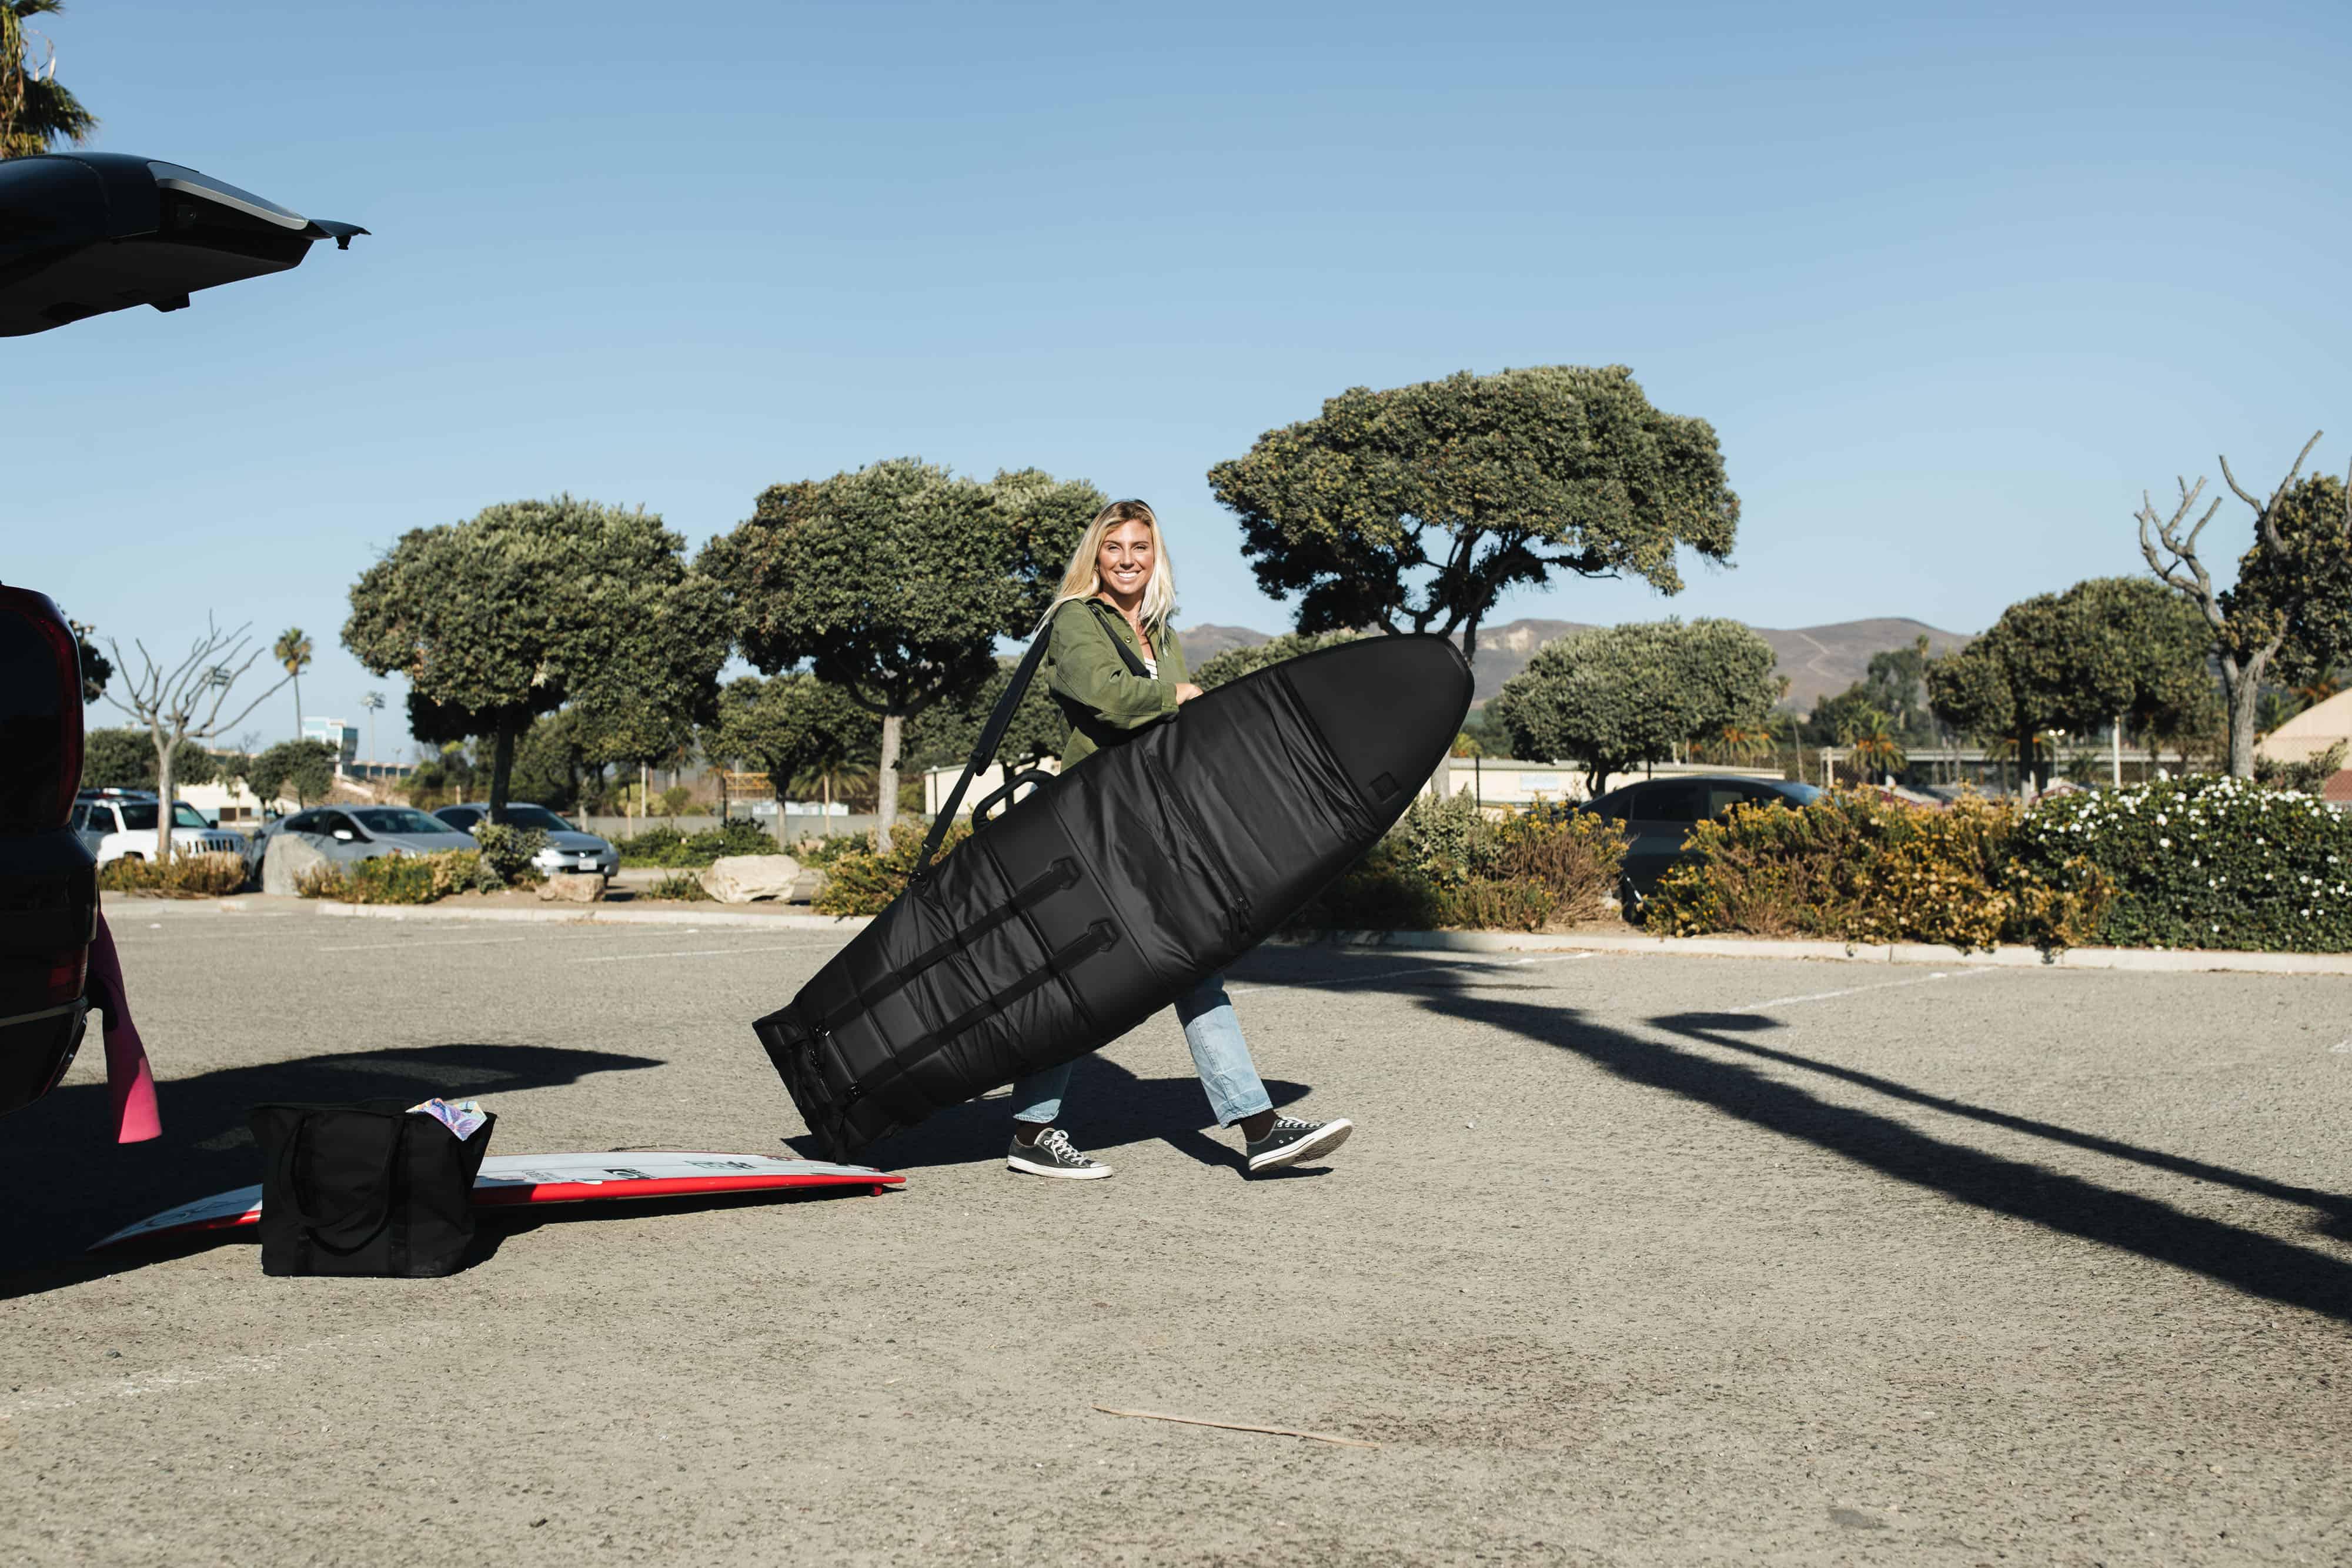 DB boardbag